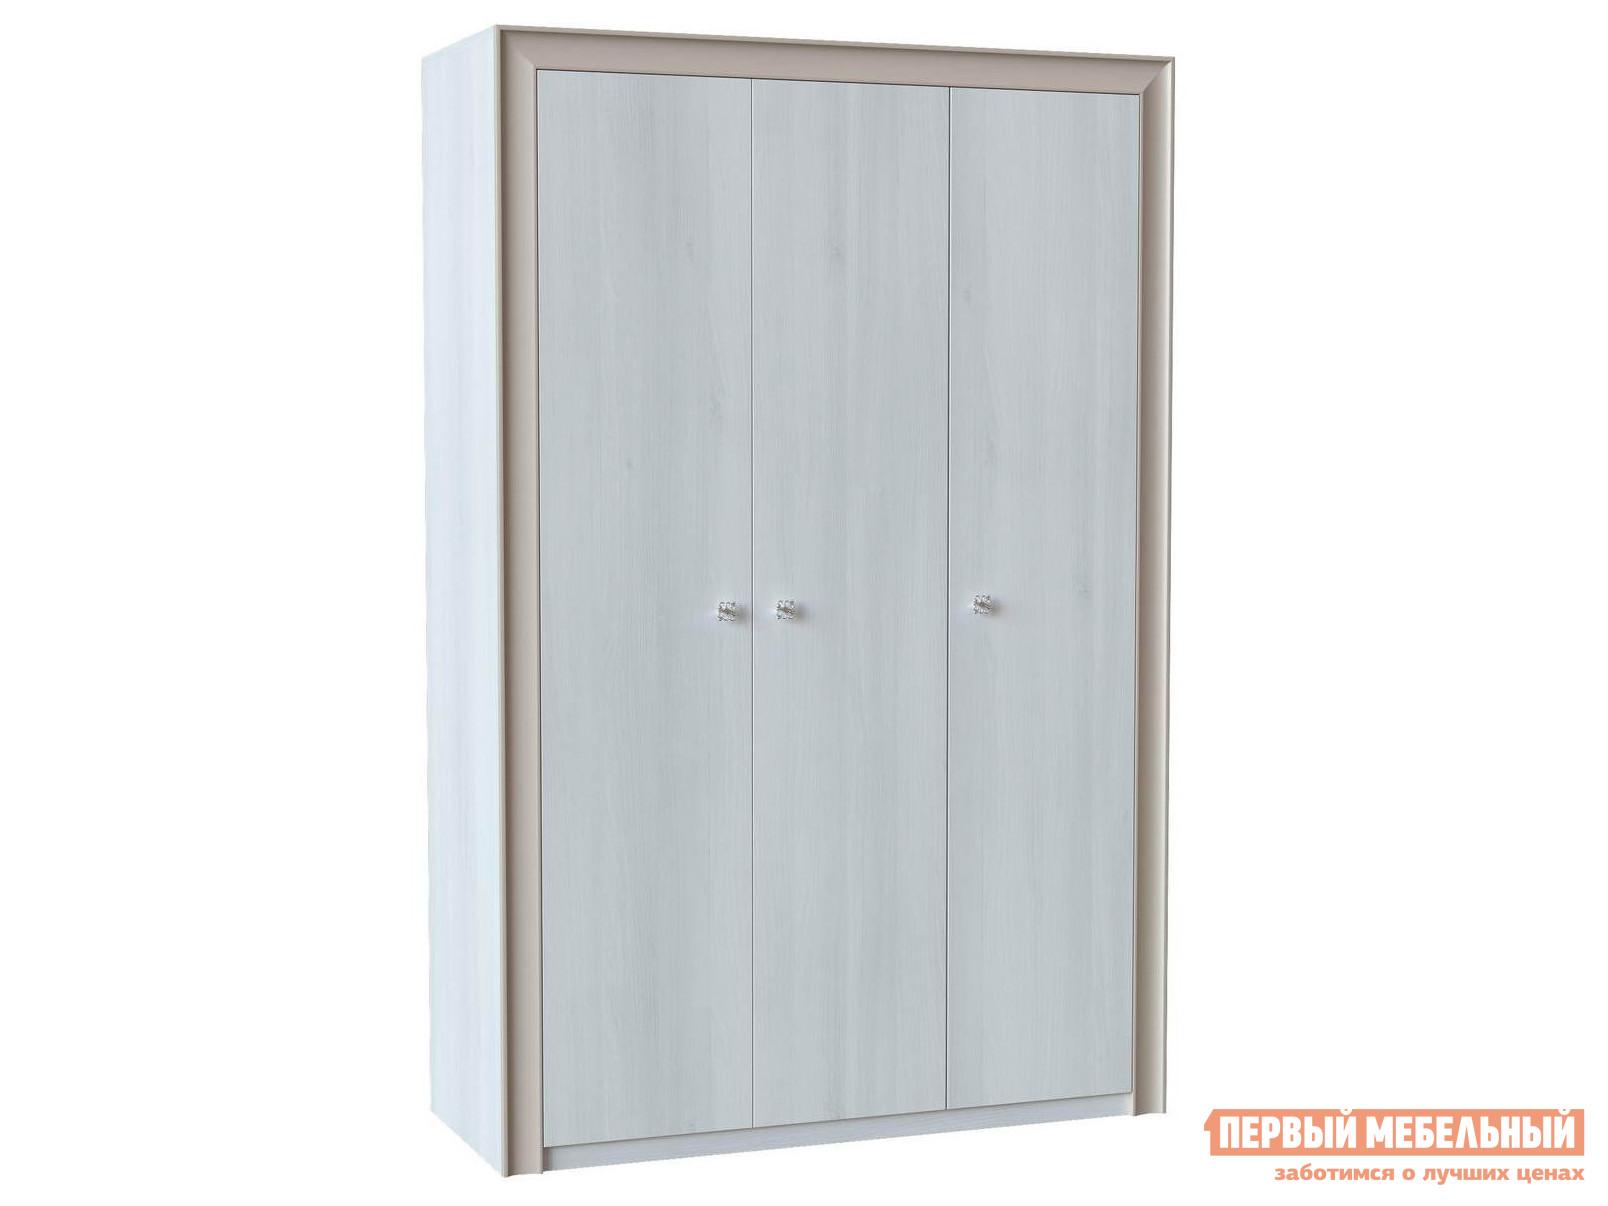 Шкаф 3-х дверный распашной Первый Мебельный Прато Ш3 шкаф распашной первый мебельный м 1 шкаф 2 х дверный